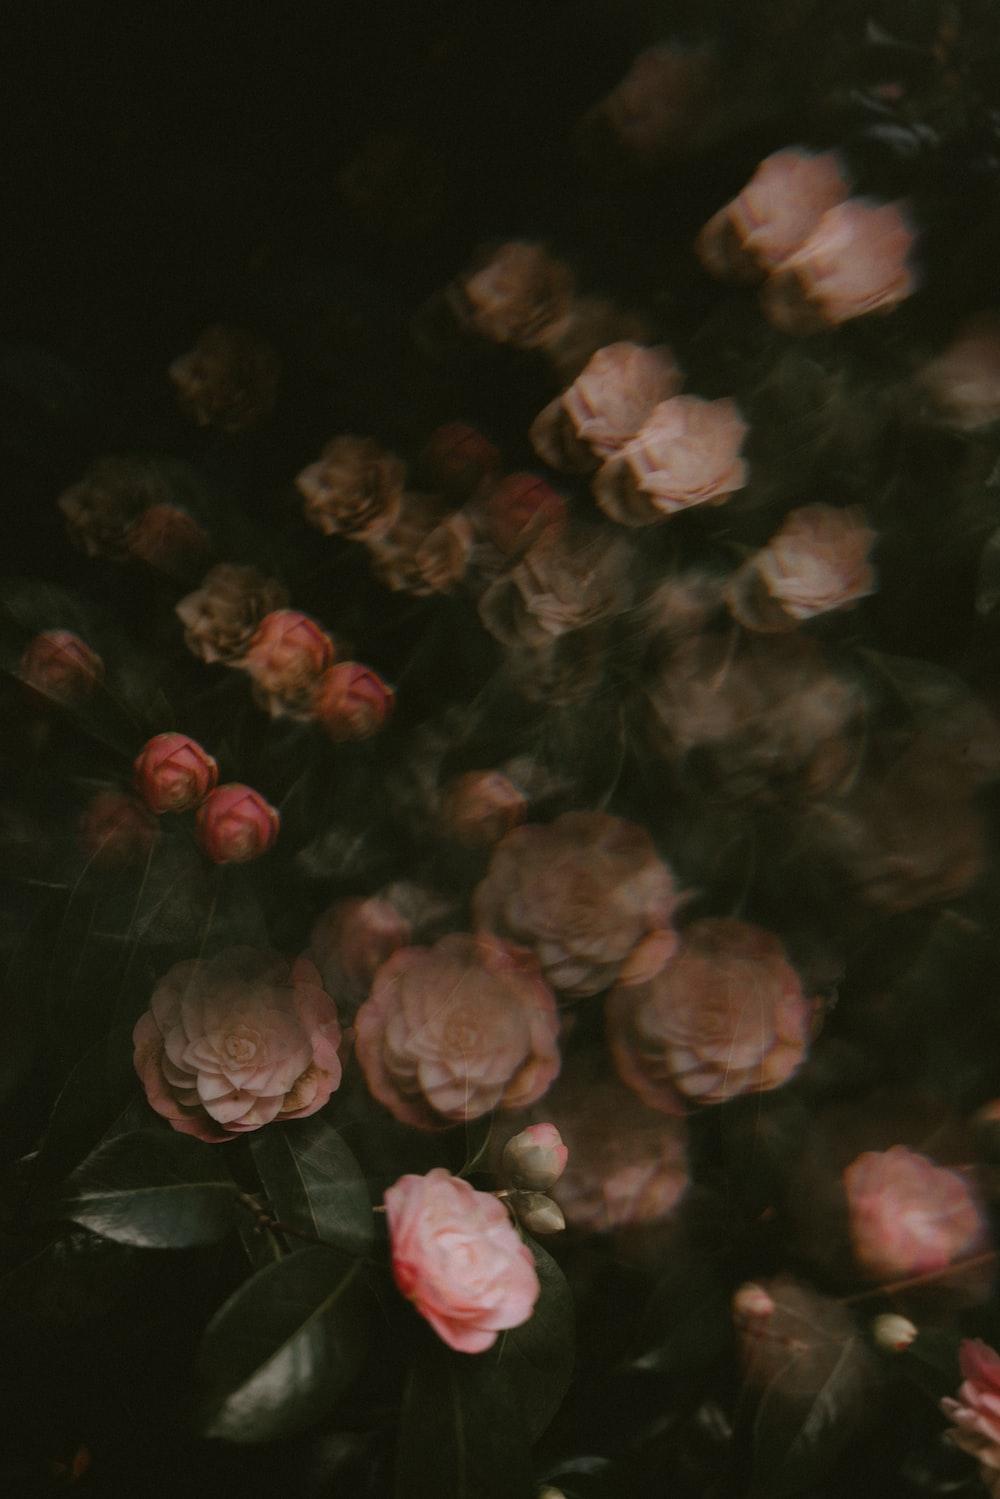 blooming pink rose flowers